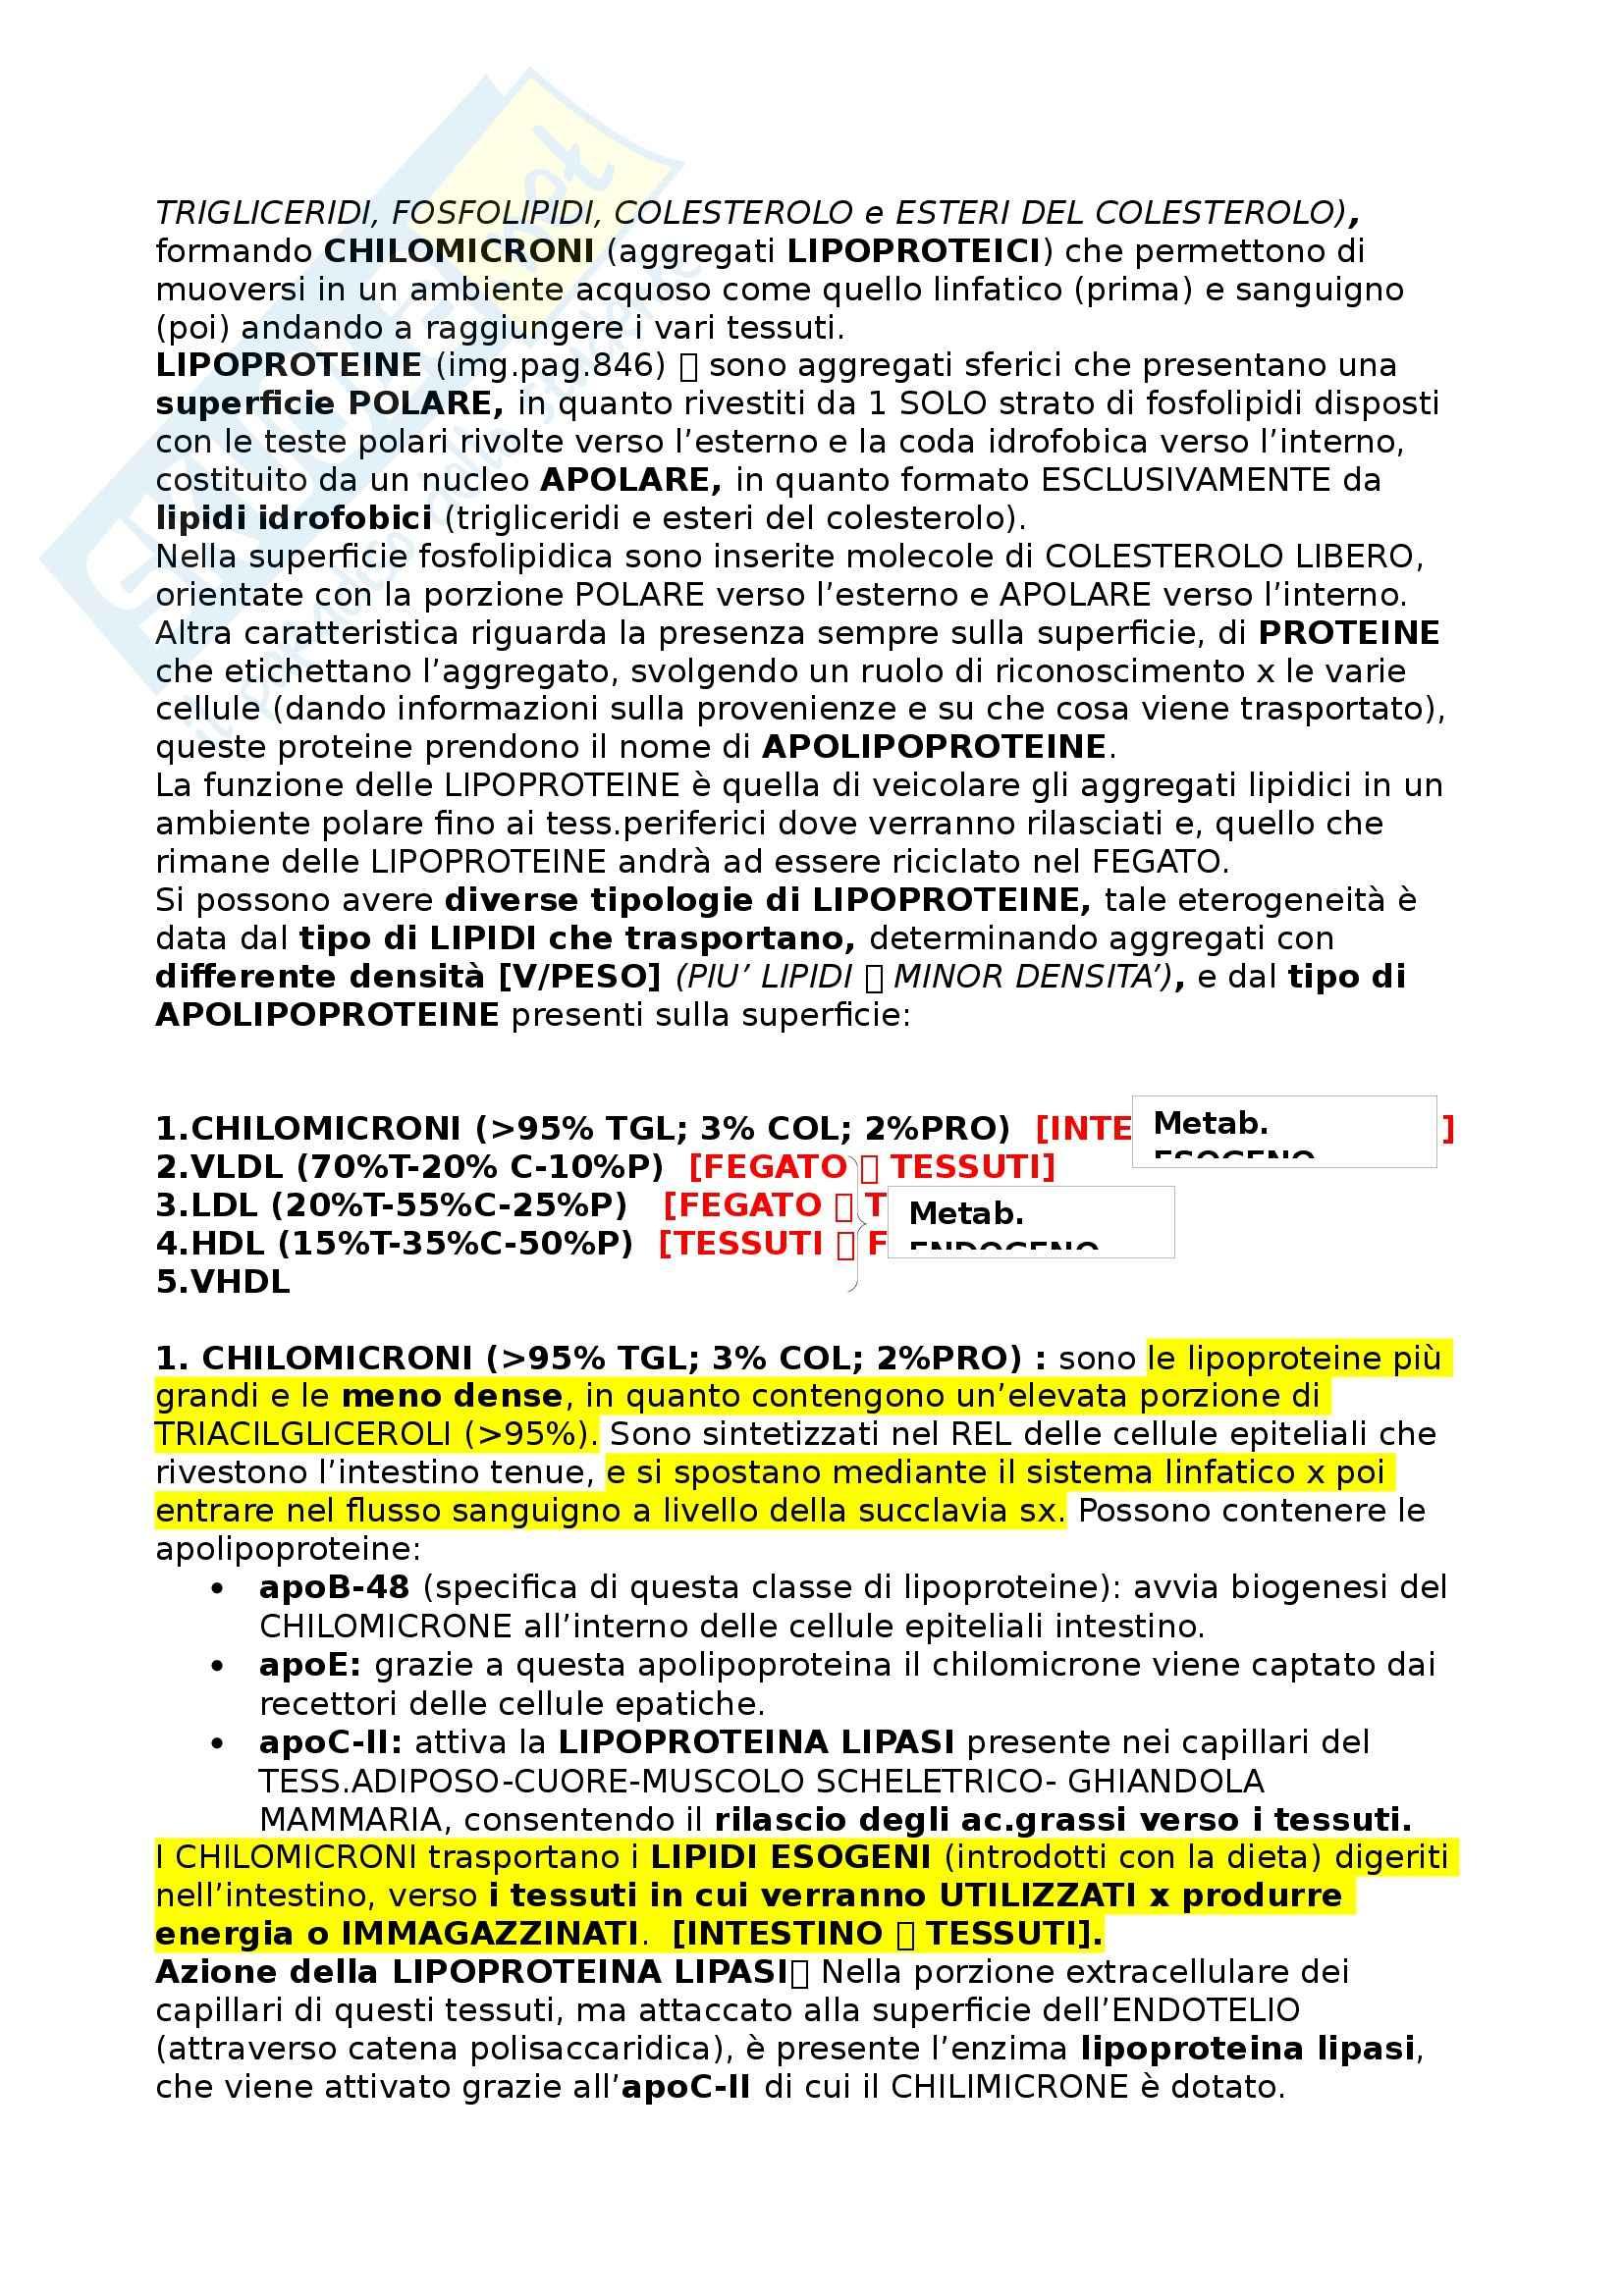 Riassunto esame Alimentazione e nutrizione umana, prof. Piccoli, libro consigliato Principi di Nutrizione Pag. 16